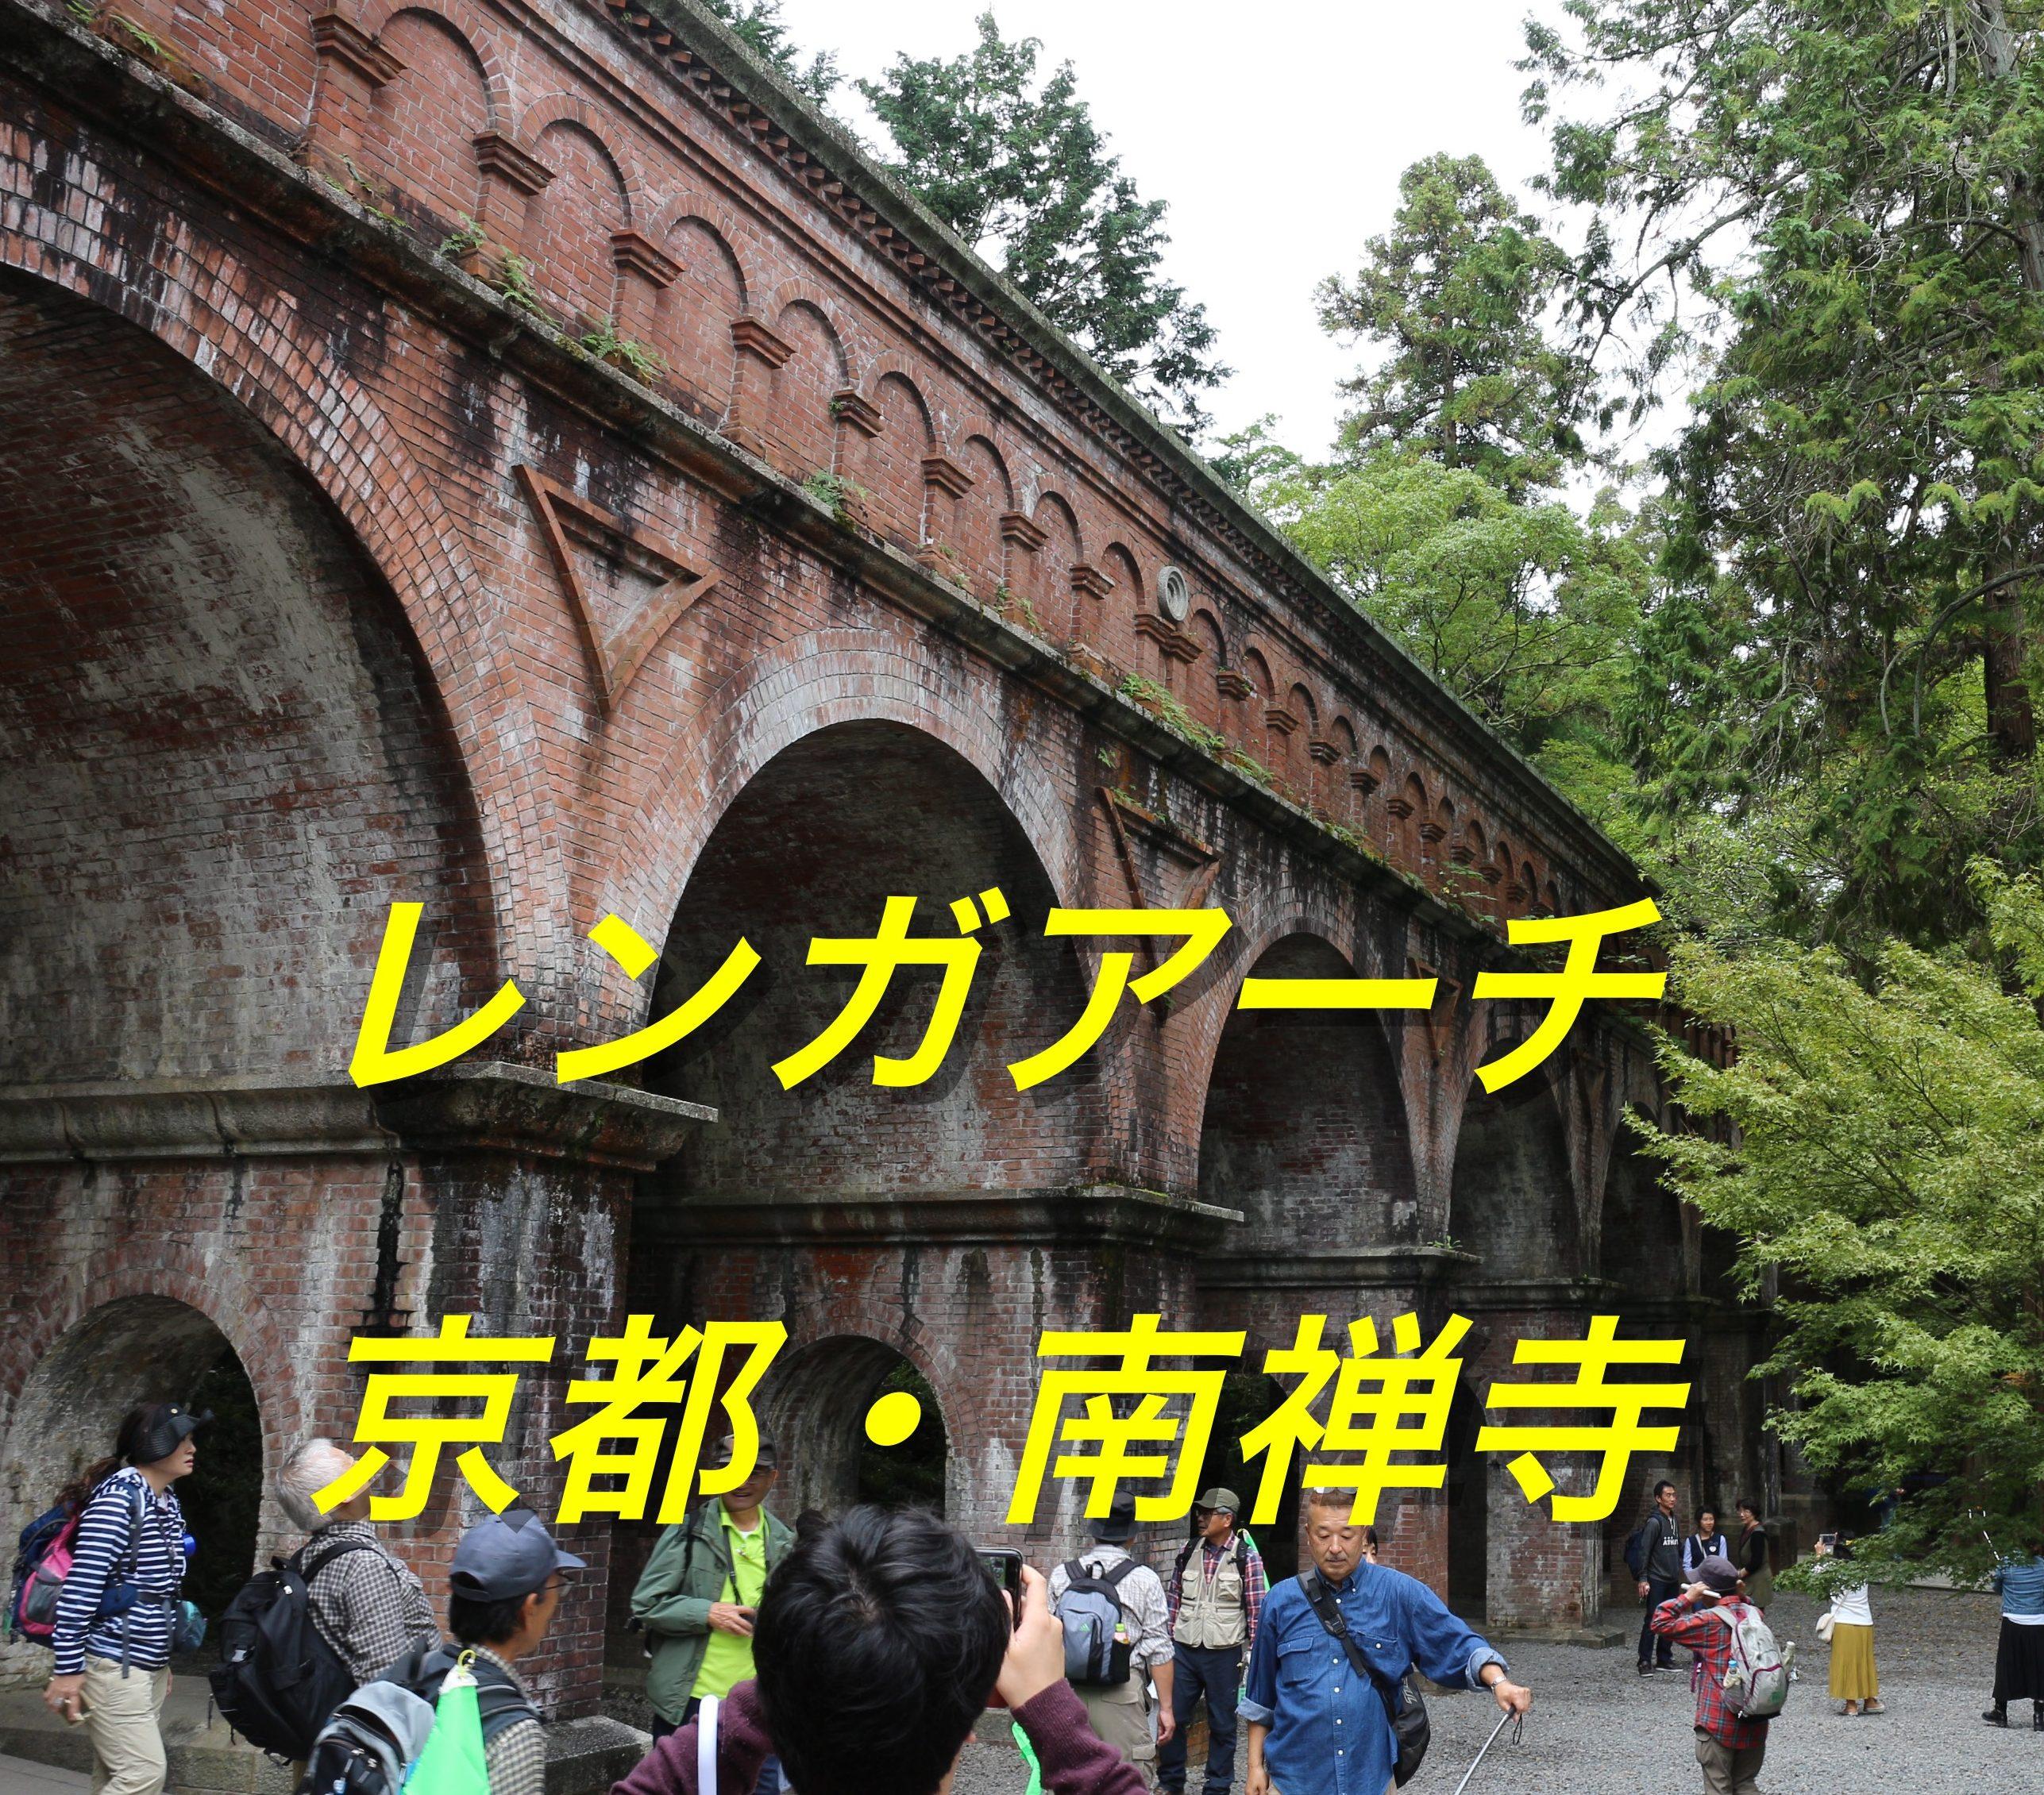 琵琶湖疏水の水路閣は【必見】京都・南禅寺の御朱印とバリアフリー情報。